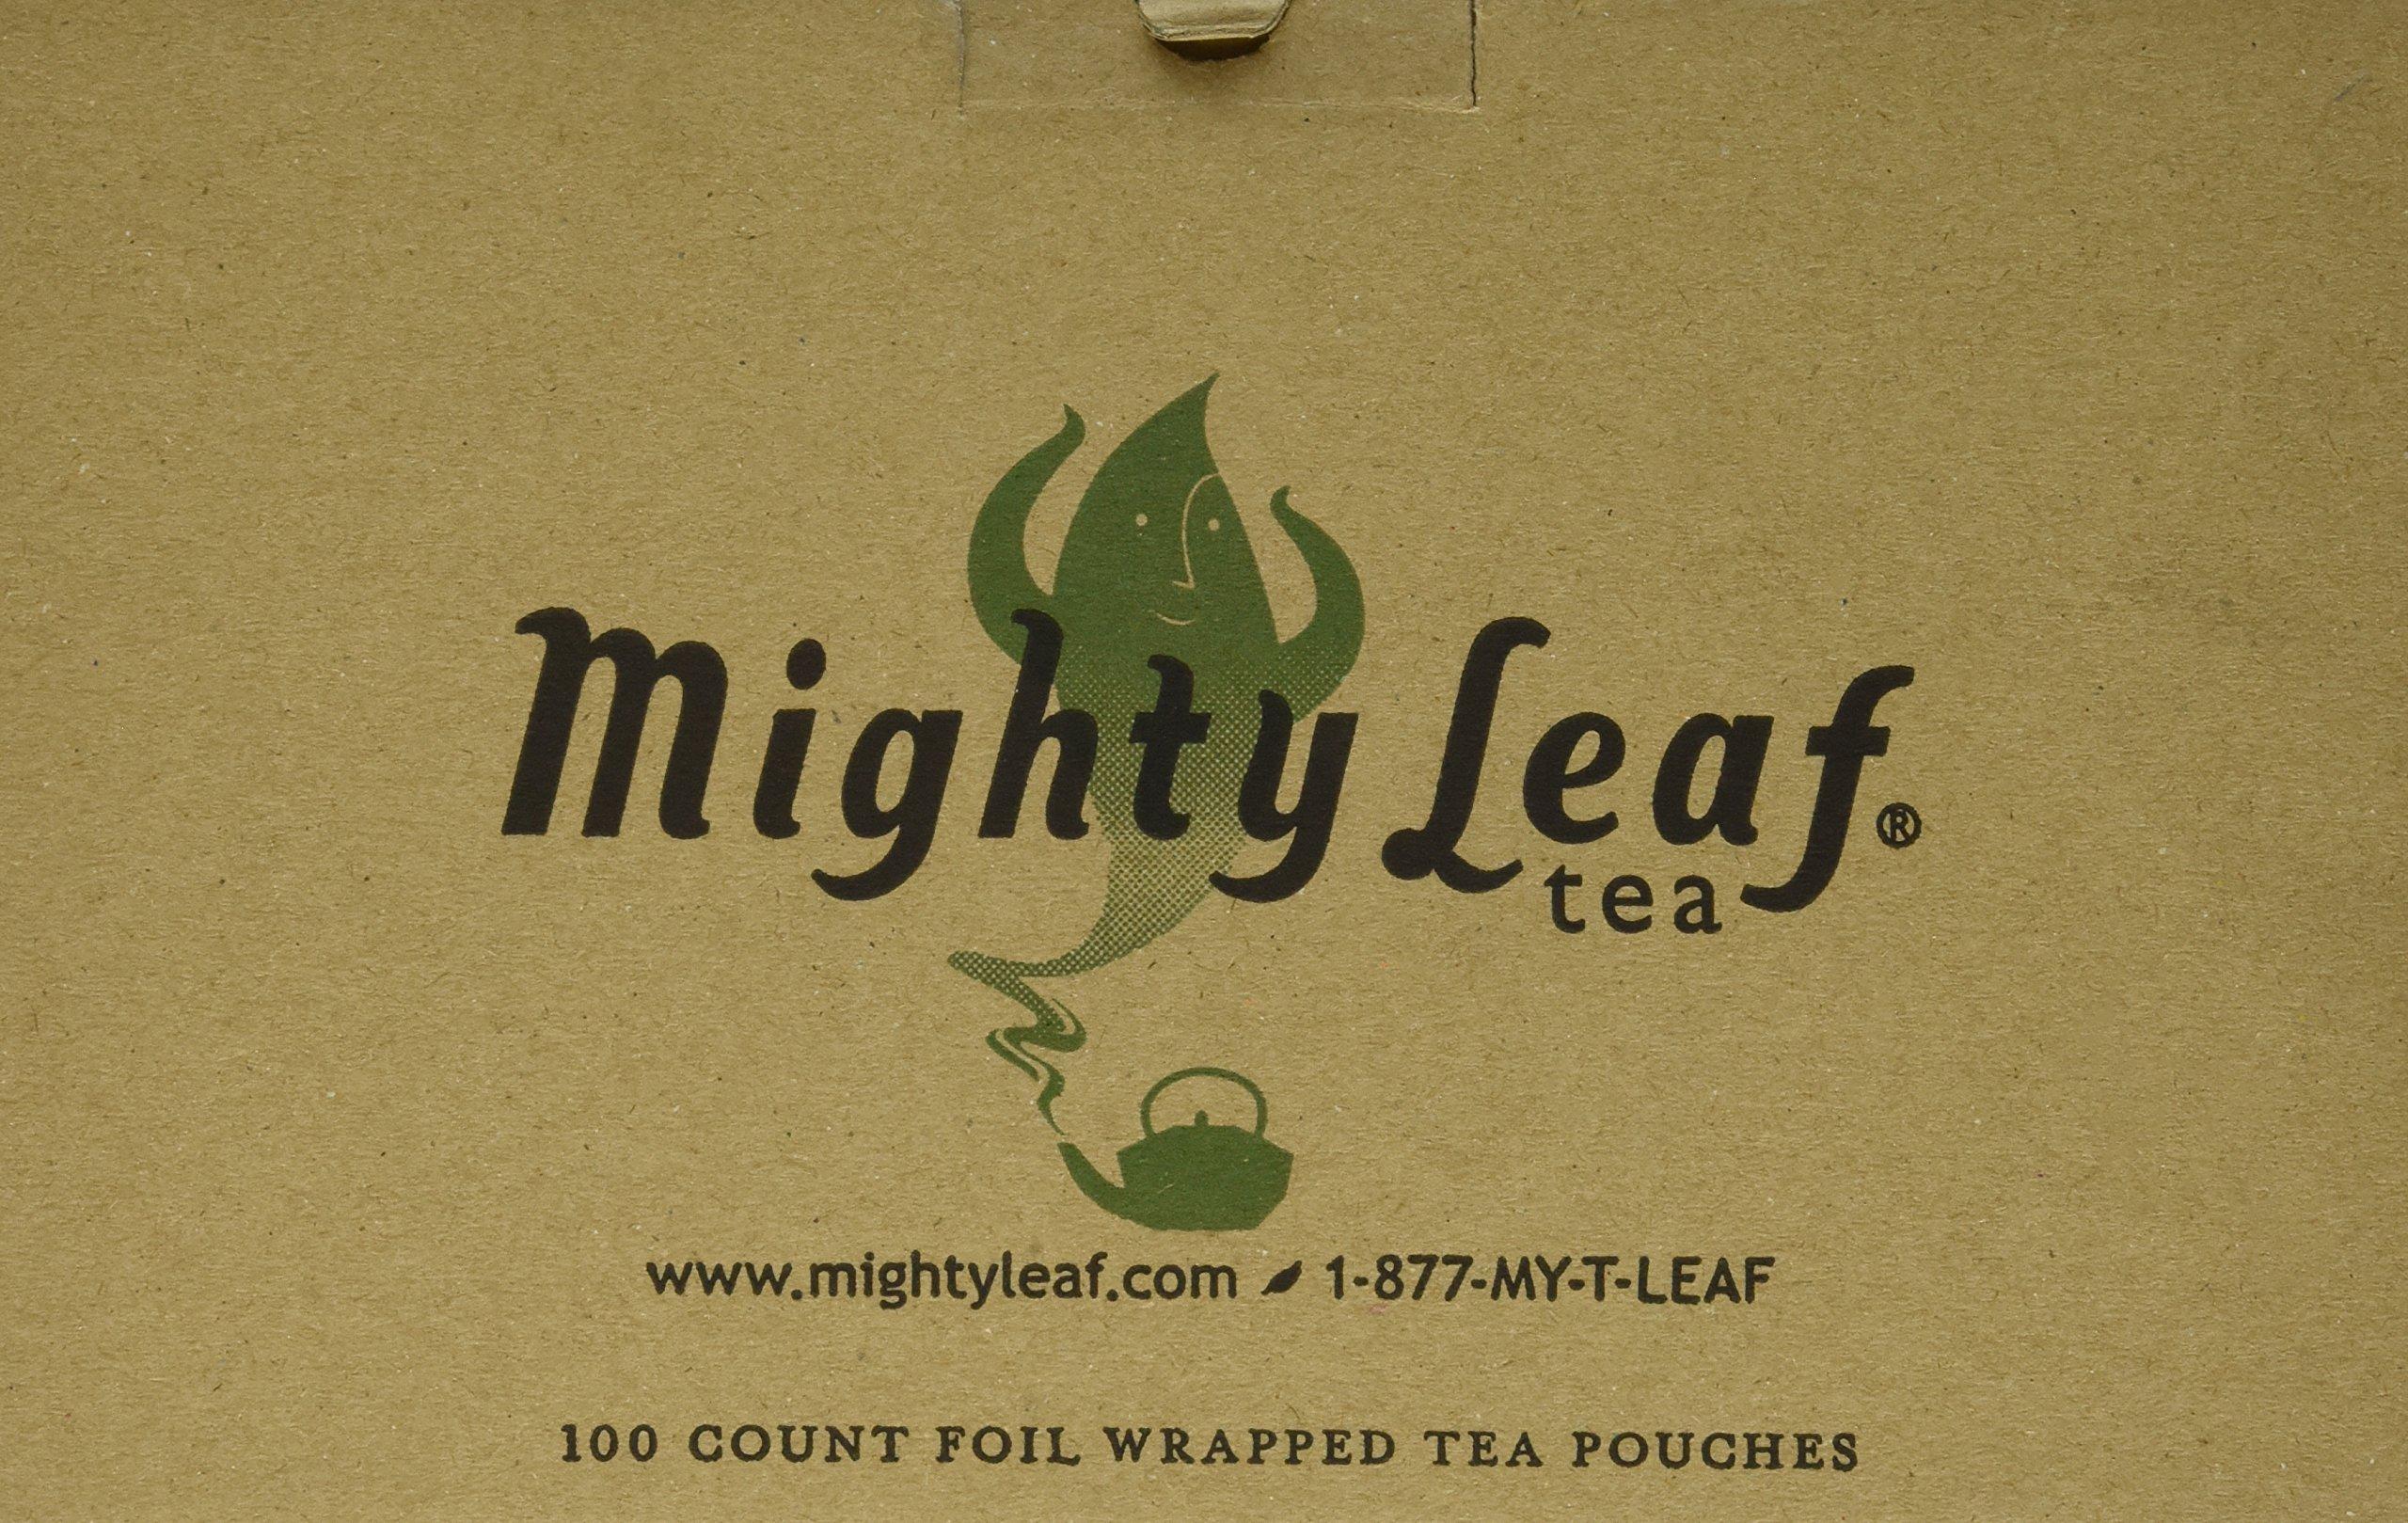 Mighty Leaf Organic Green Dragon Tea, 100 Tea Pouches by Mighty Leaf